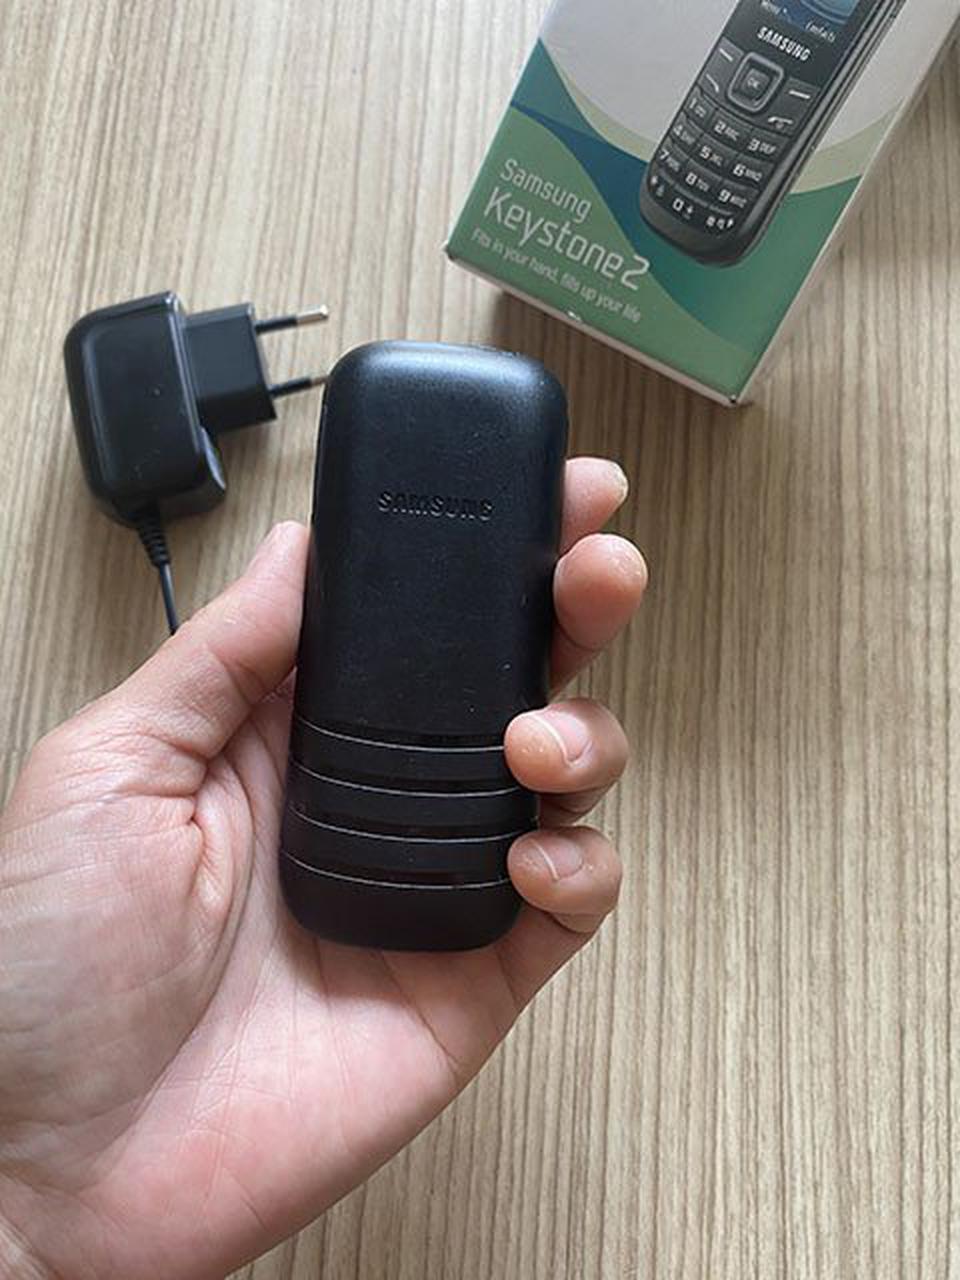 โทรศัพท์มือถือ Samsung keystone2 ซัมซุงฮีโร่เเบตอึดอยู่ได้5วัน มือสองสภาพดี ทนทาน เสียงชัด สัญญาณดี รูปที่ 1